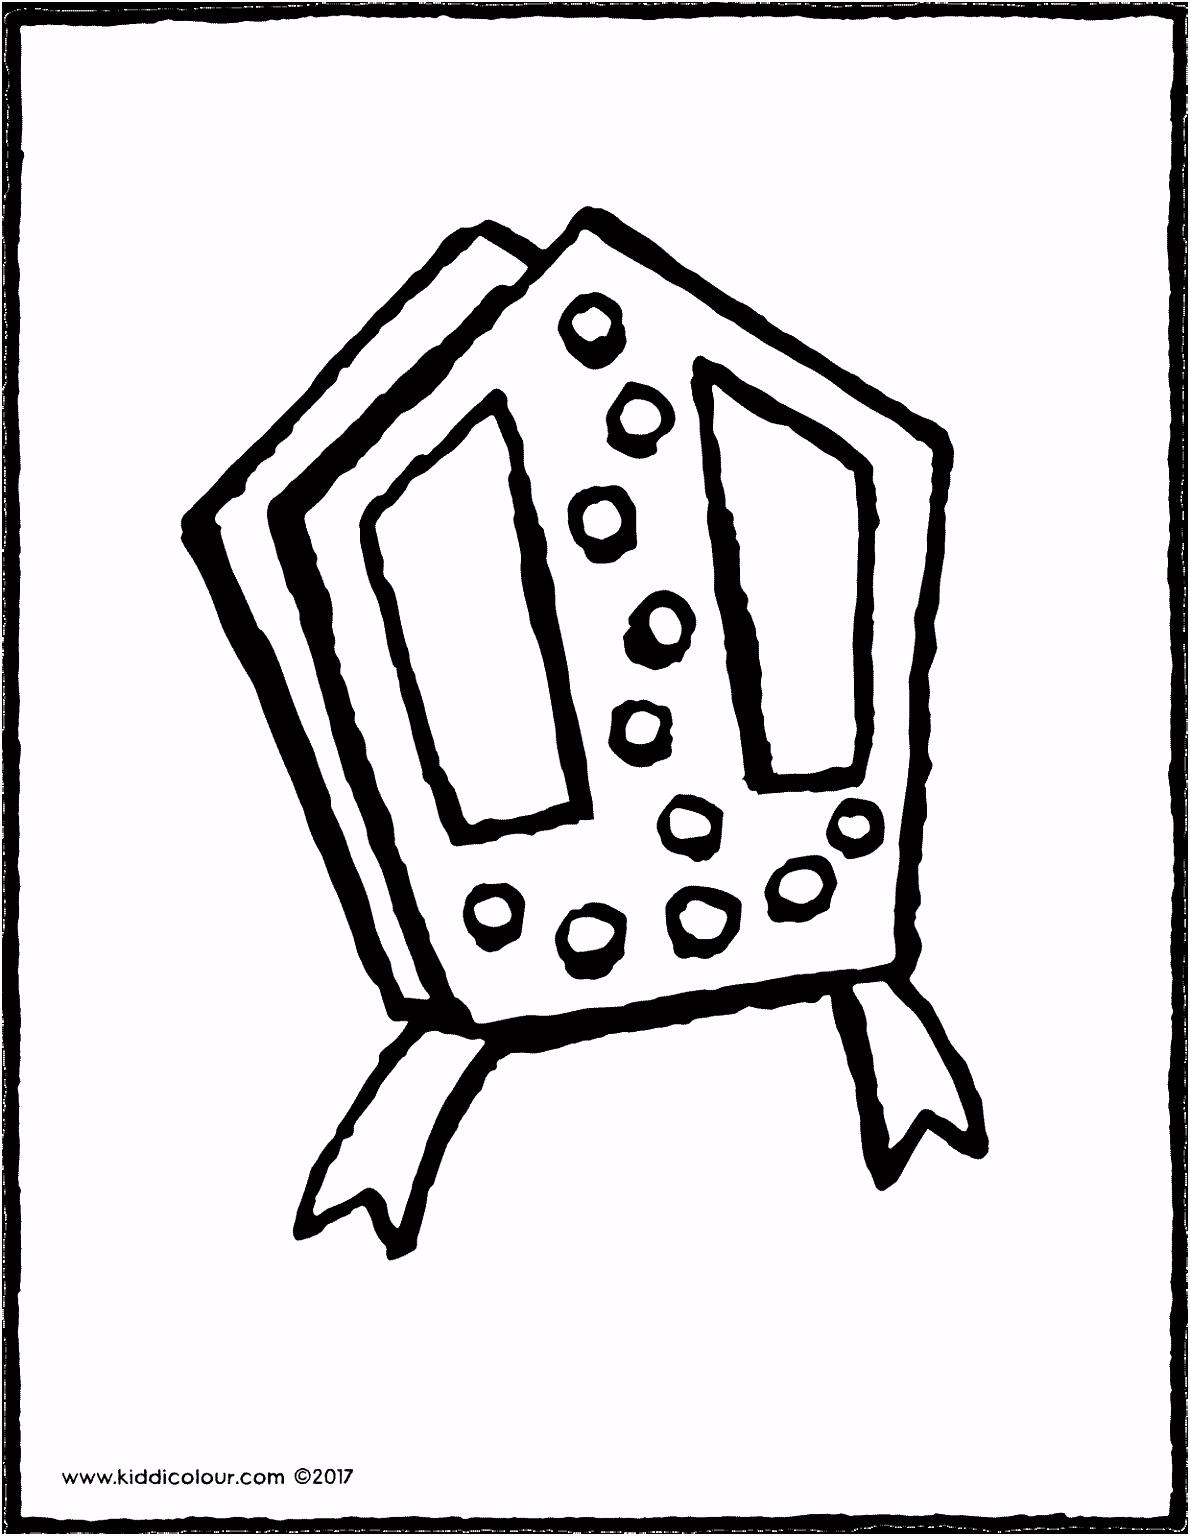 mijter Sinterklaas kiddicolour